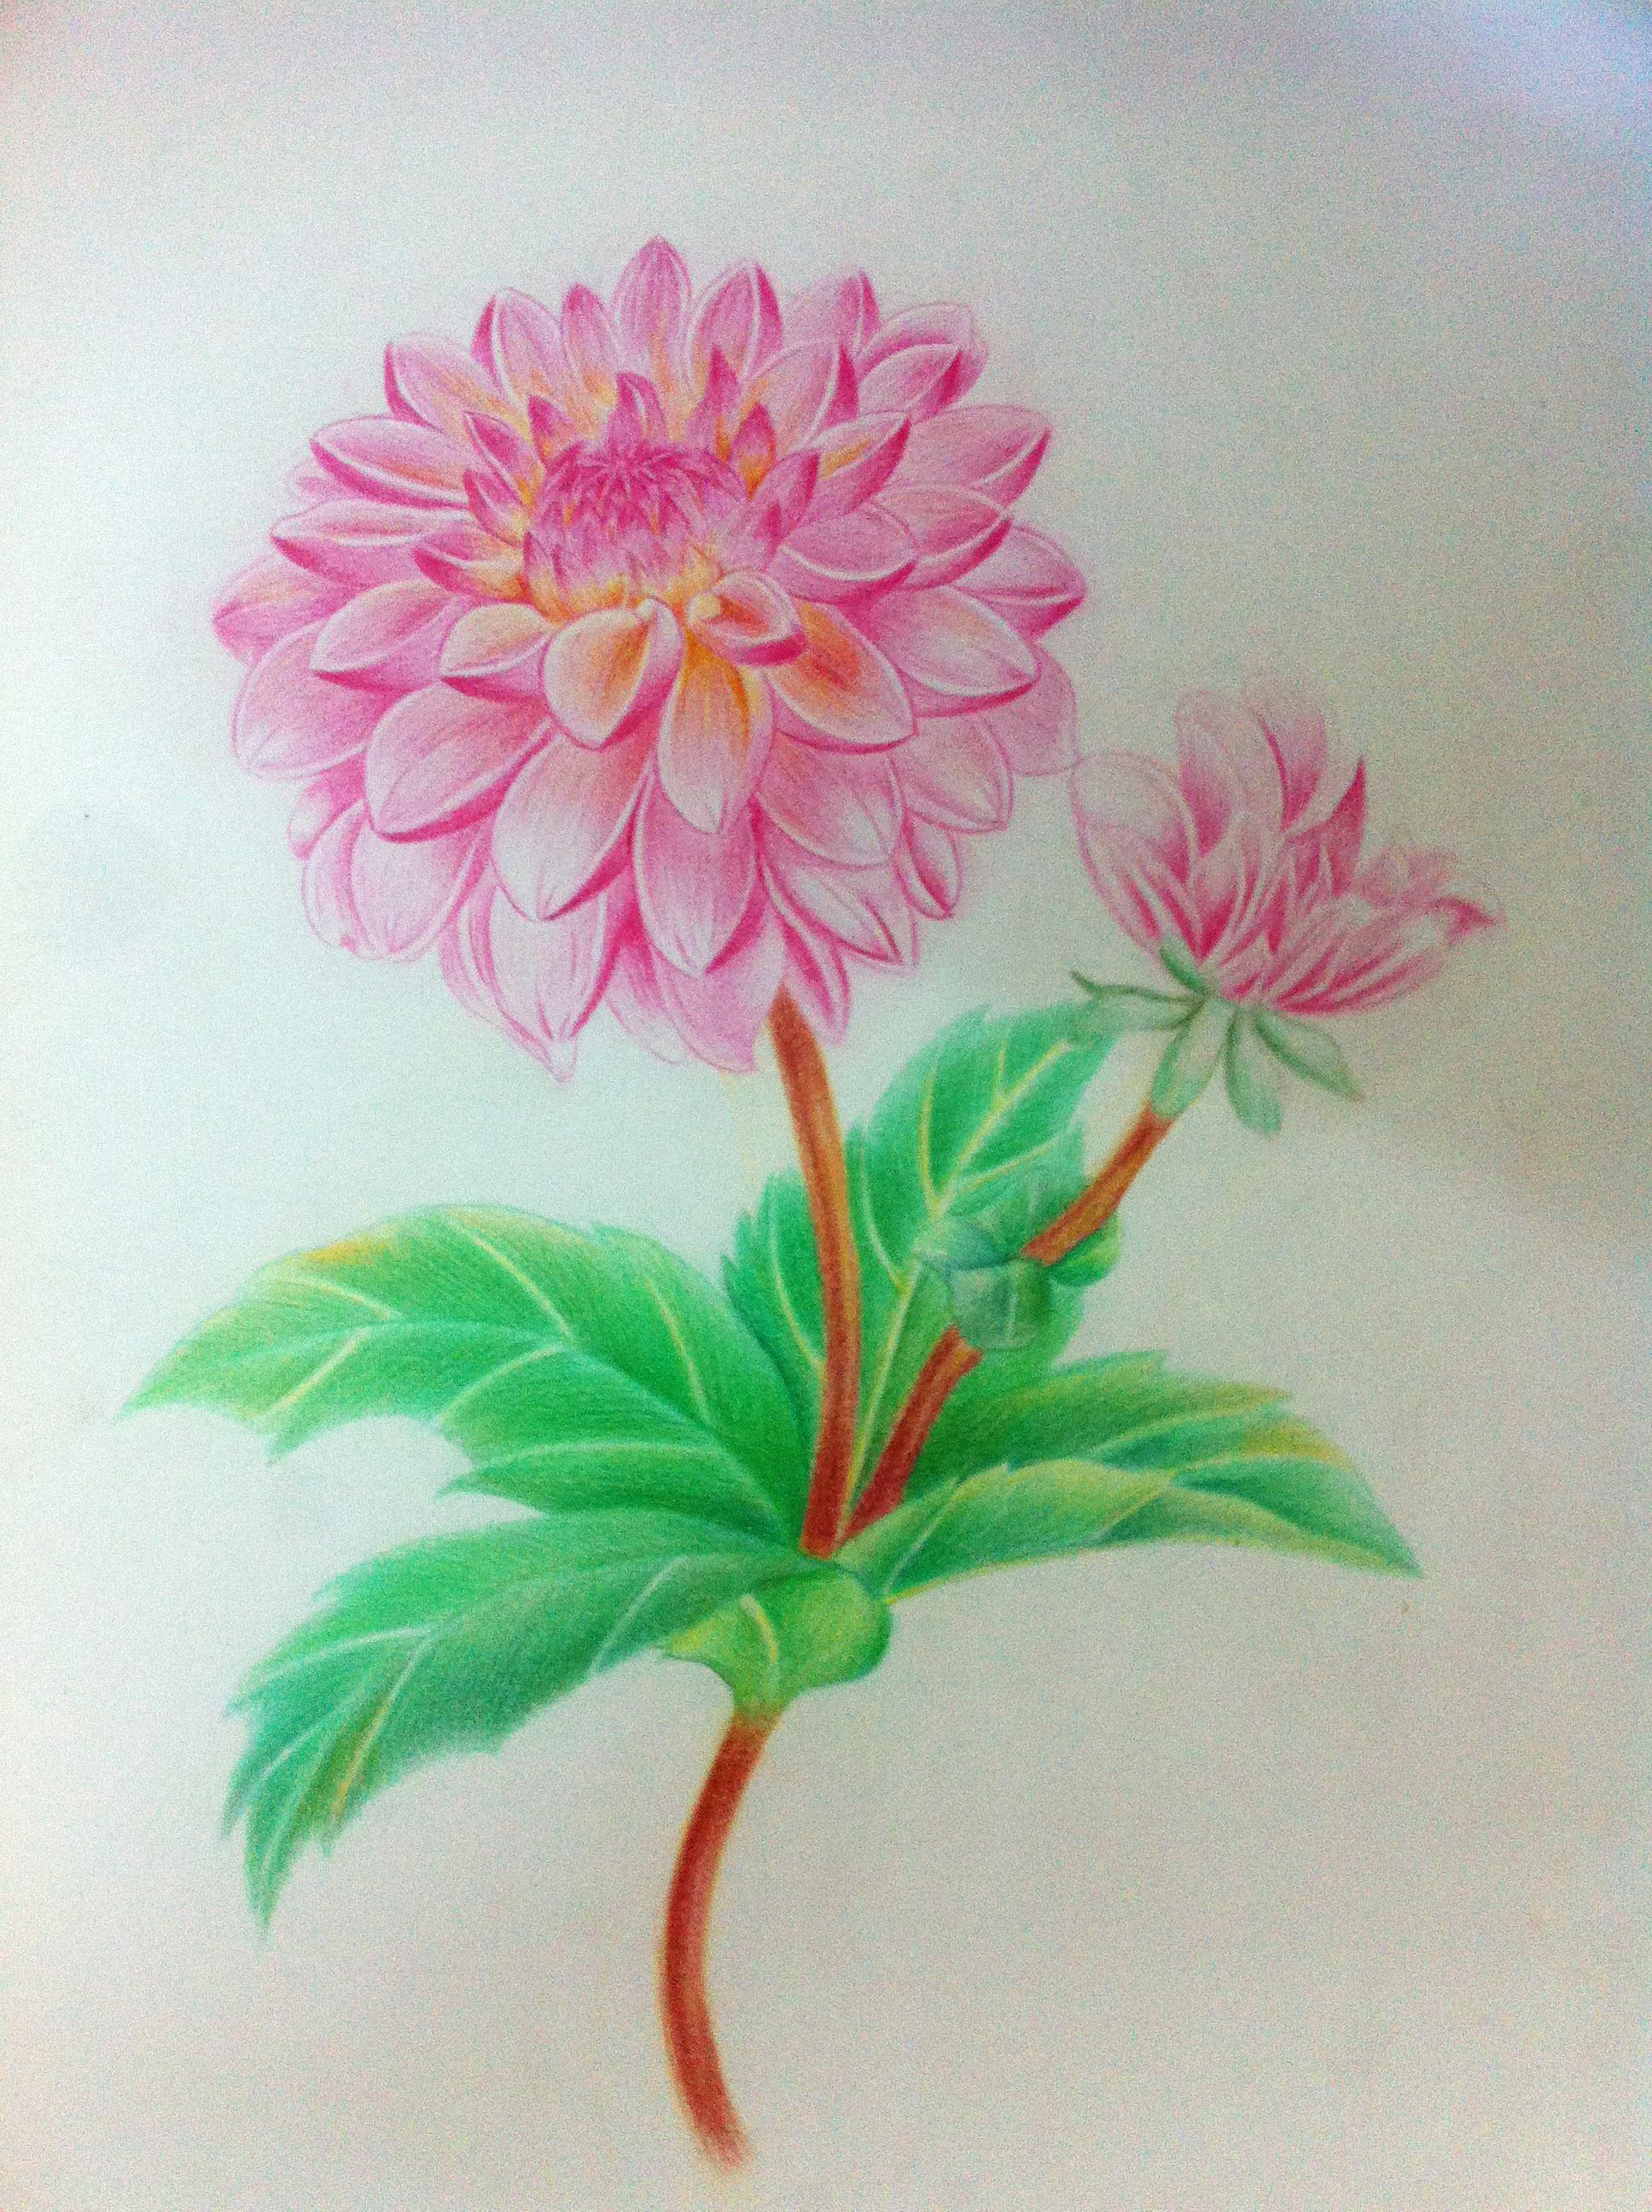 彩铅手绘花|插画|插画习作|邹千四 - 原创作品 - 站酷